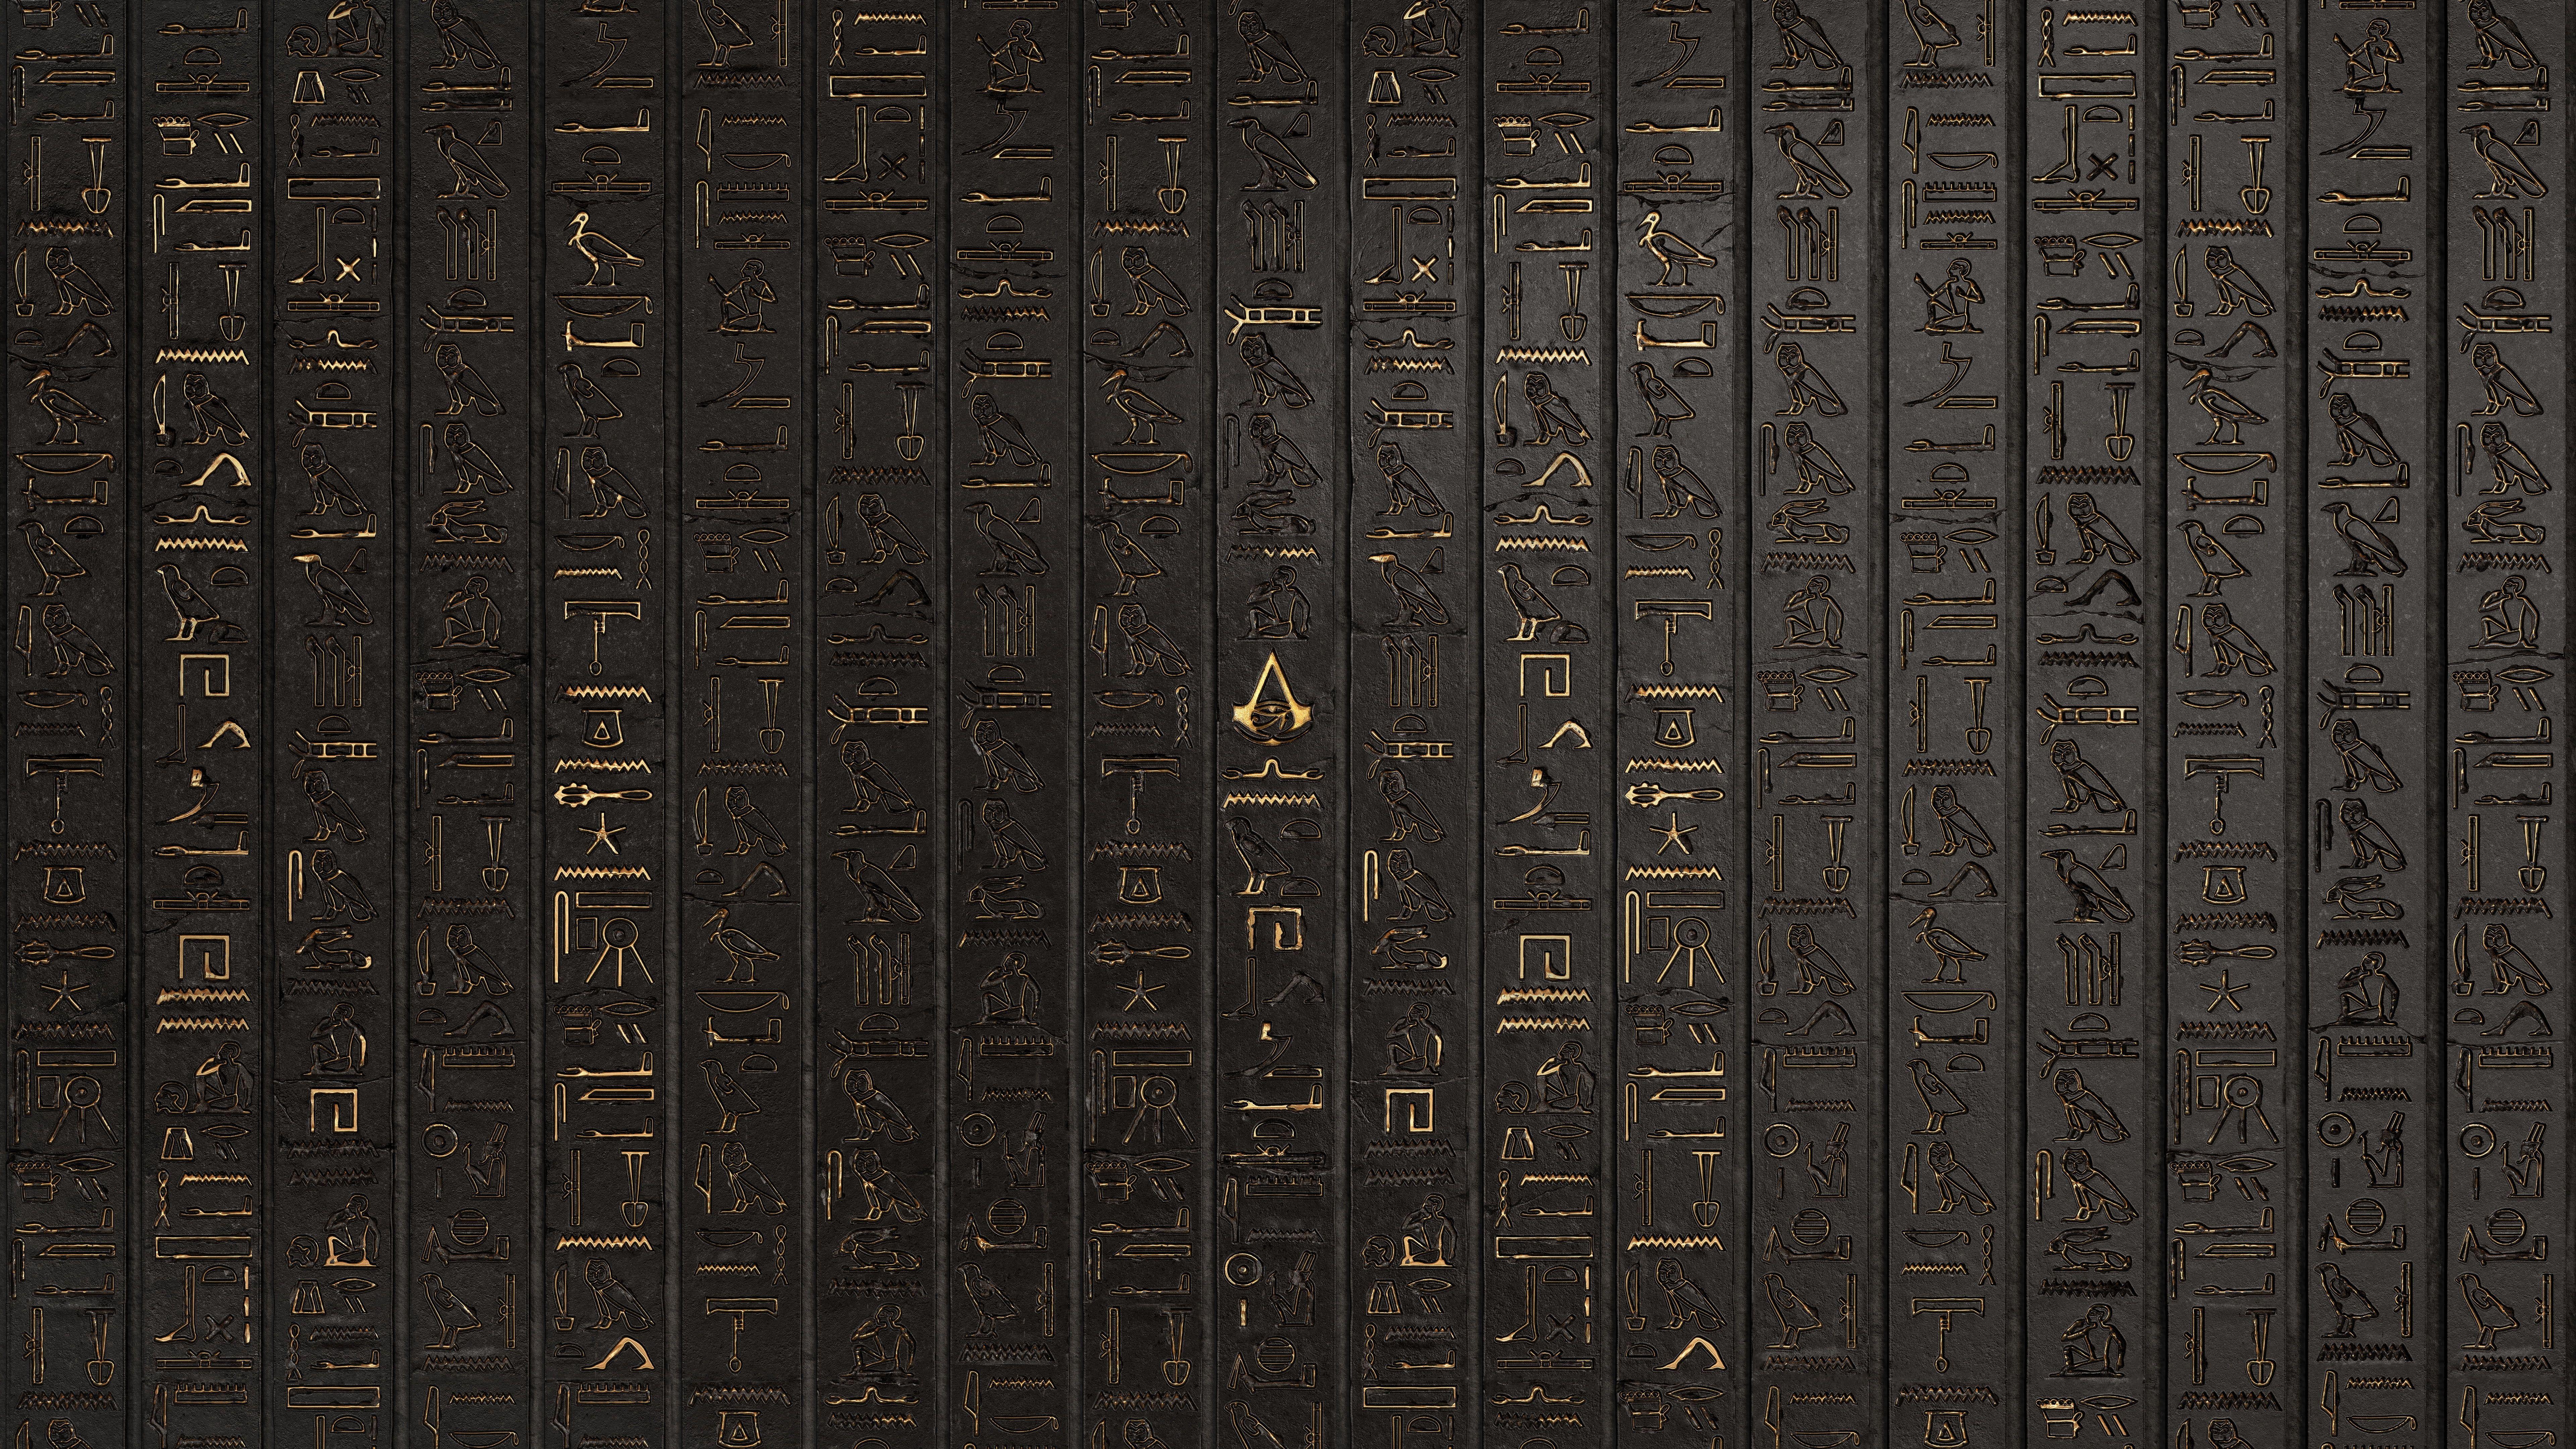 Hieroglyphics Digital Art Artwork Video Games Assassin S Creed